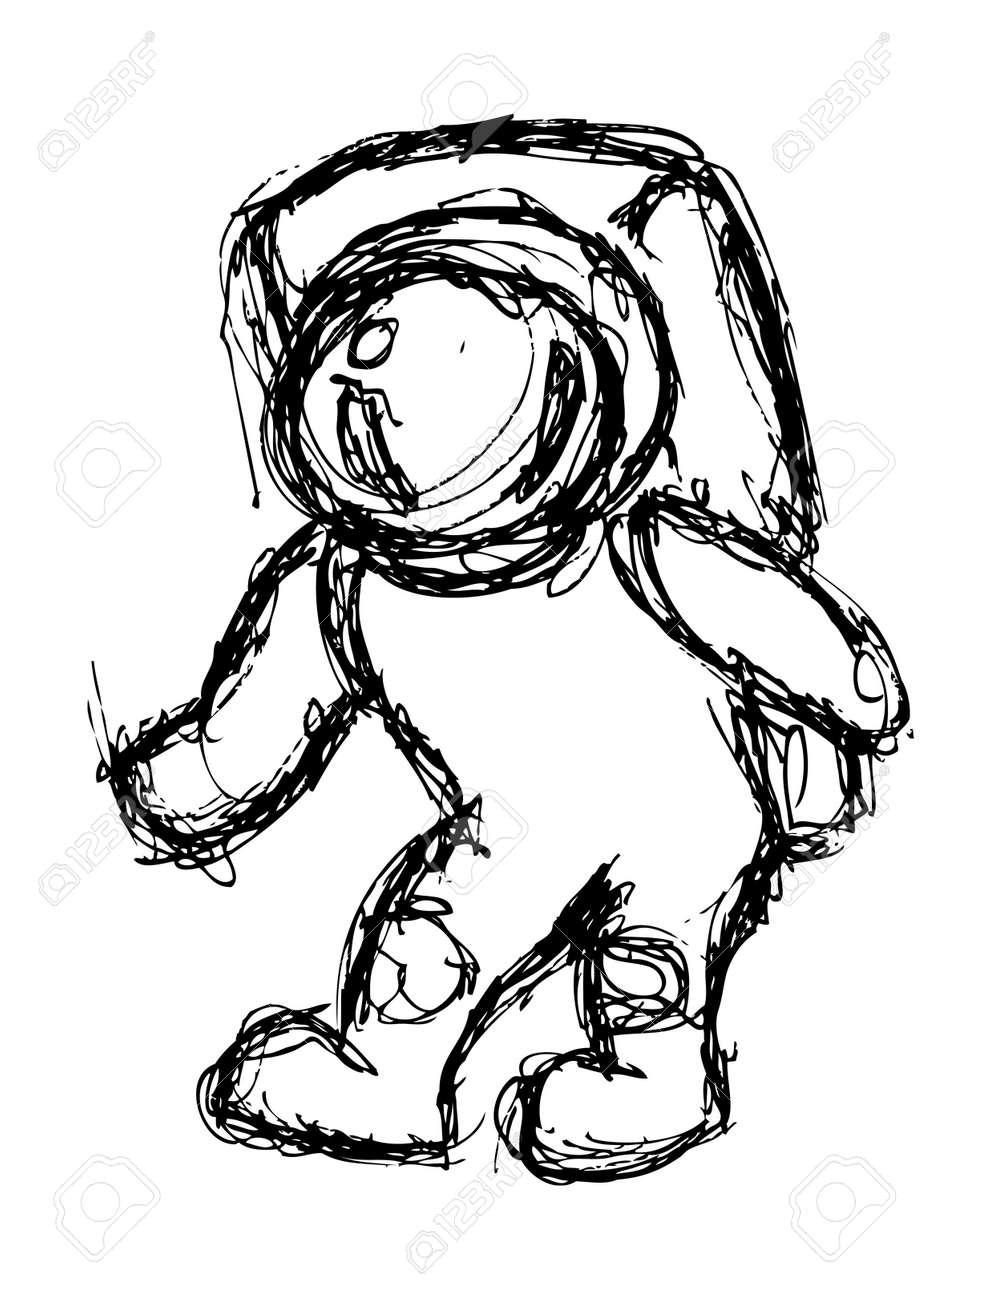 Grunge astronaut doodle Stock Vector - 21523423